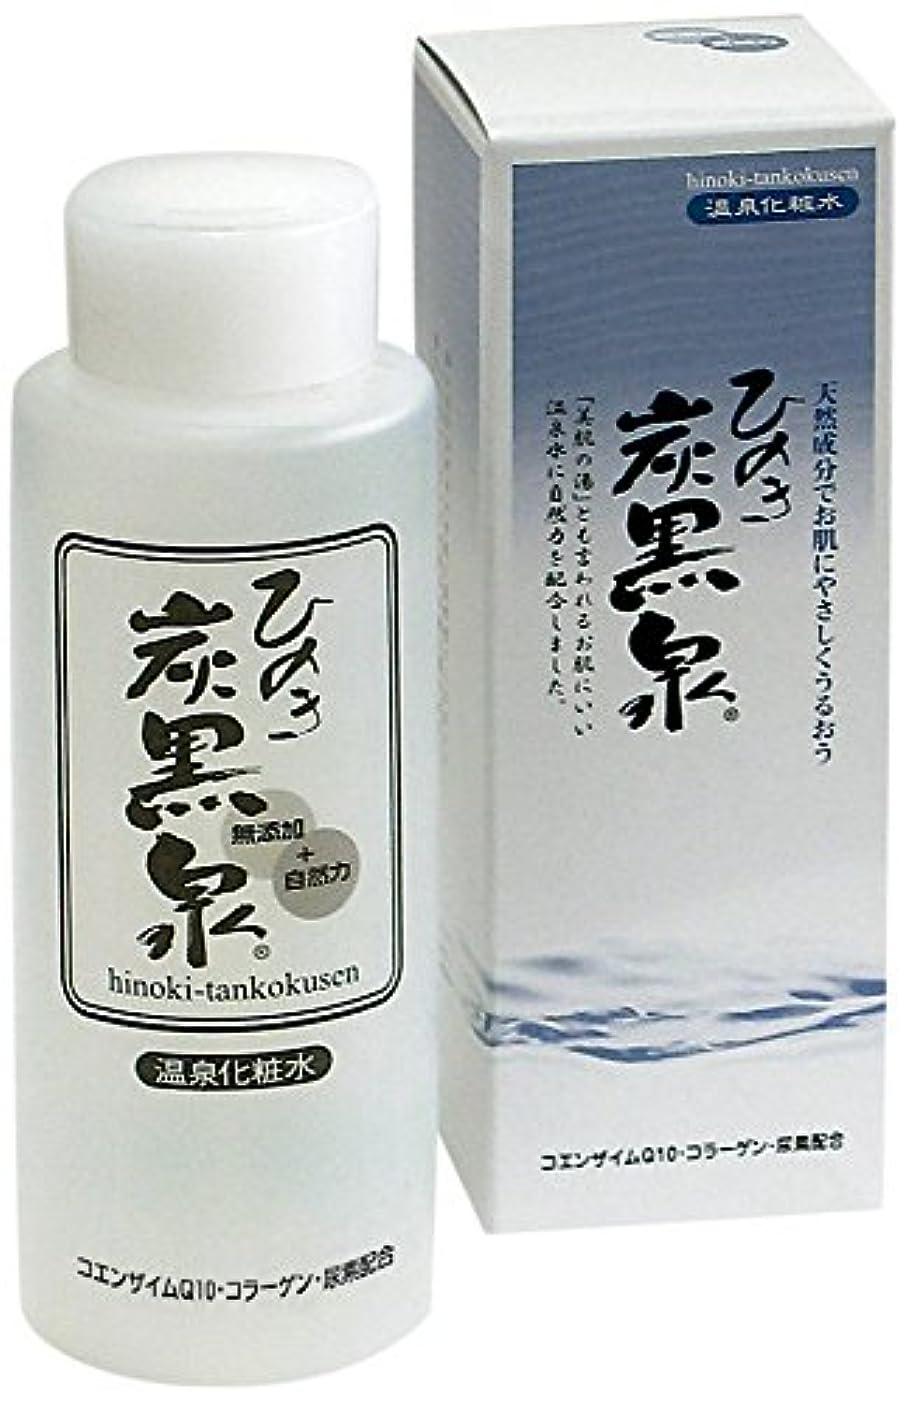 原始的なフォルダしわひのき炭黒泉温泉化粧水210ml